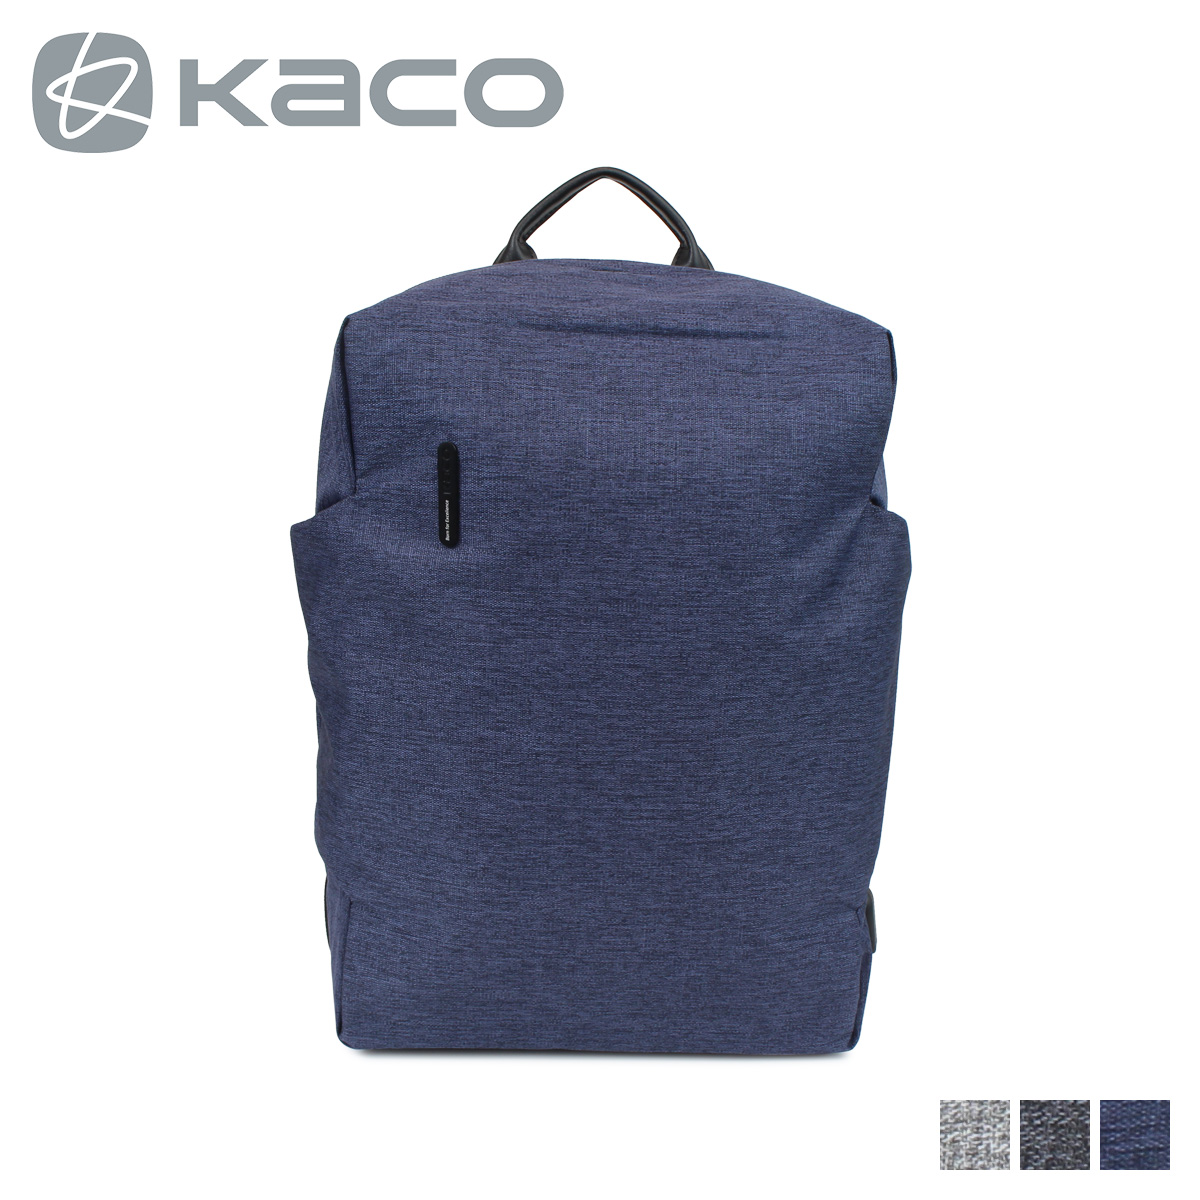 KACO ALIO BACKPACK カコ リュック バッグ バックパック メンズ レディース ビジネス グレー ブルー K1217 7/23 新入荷